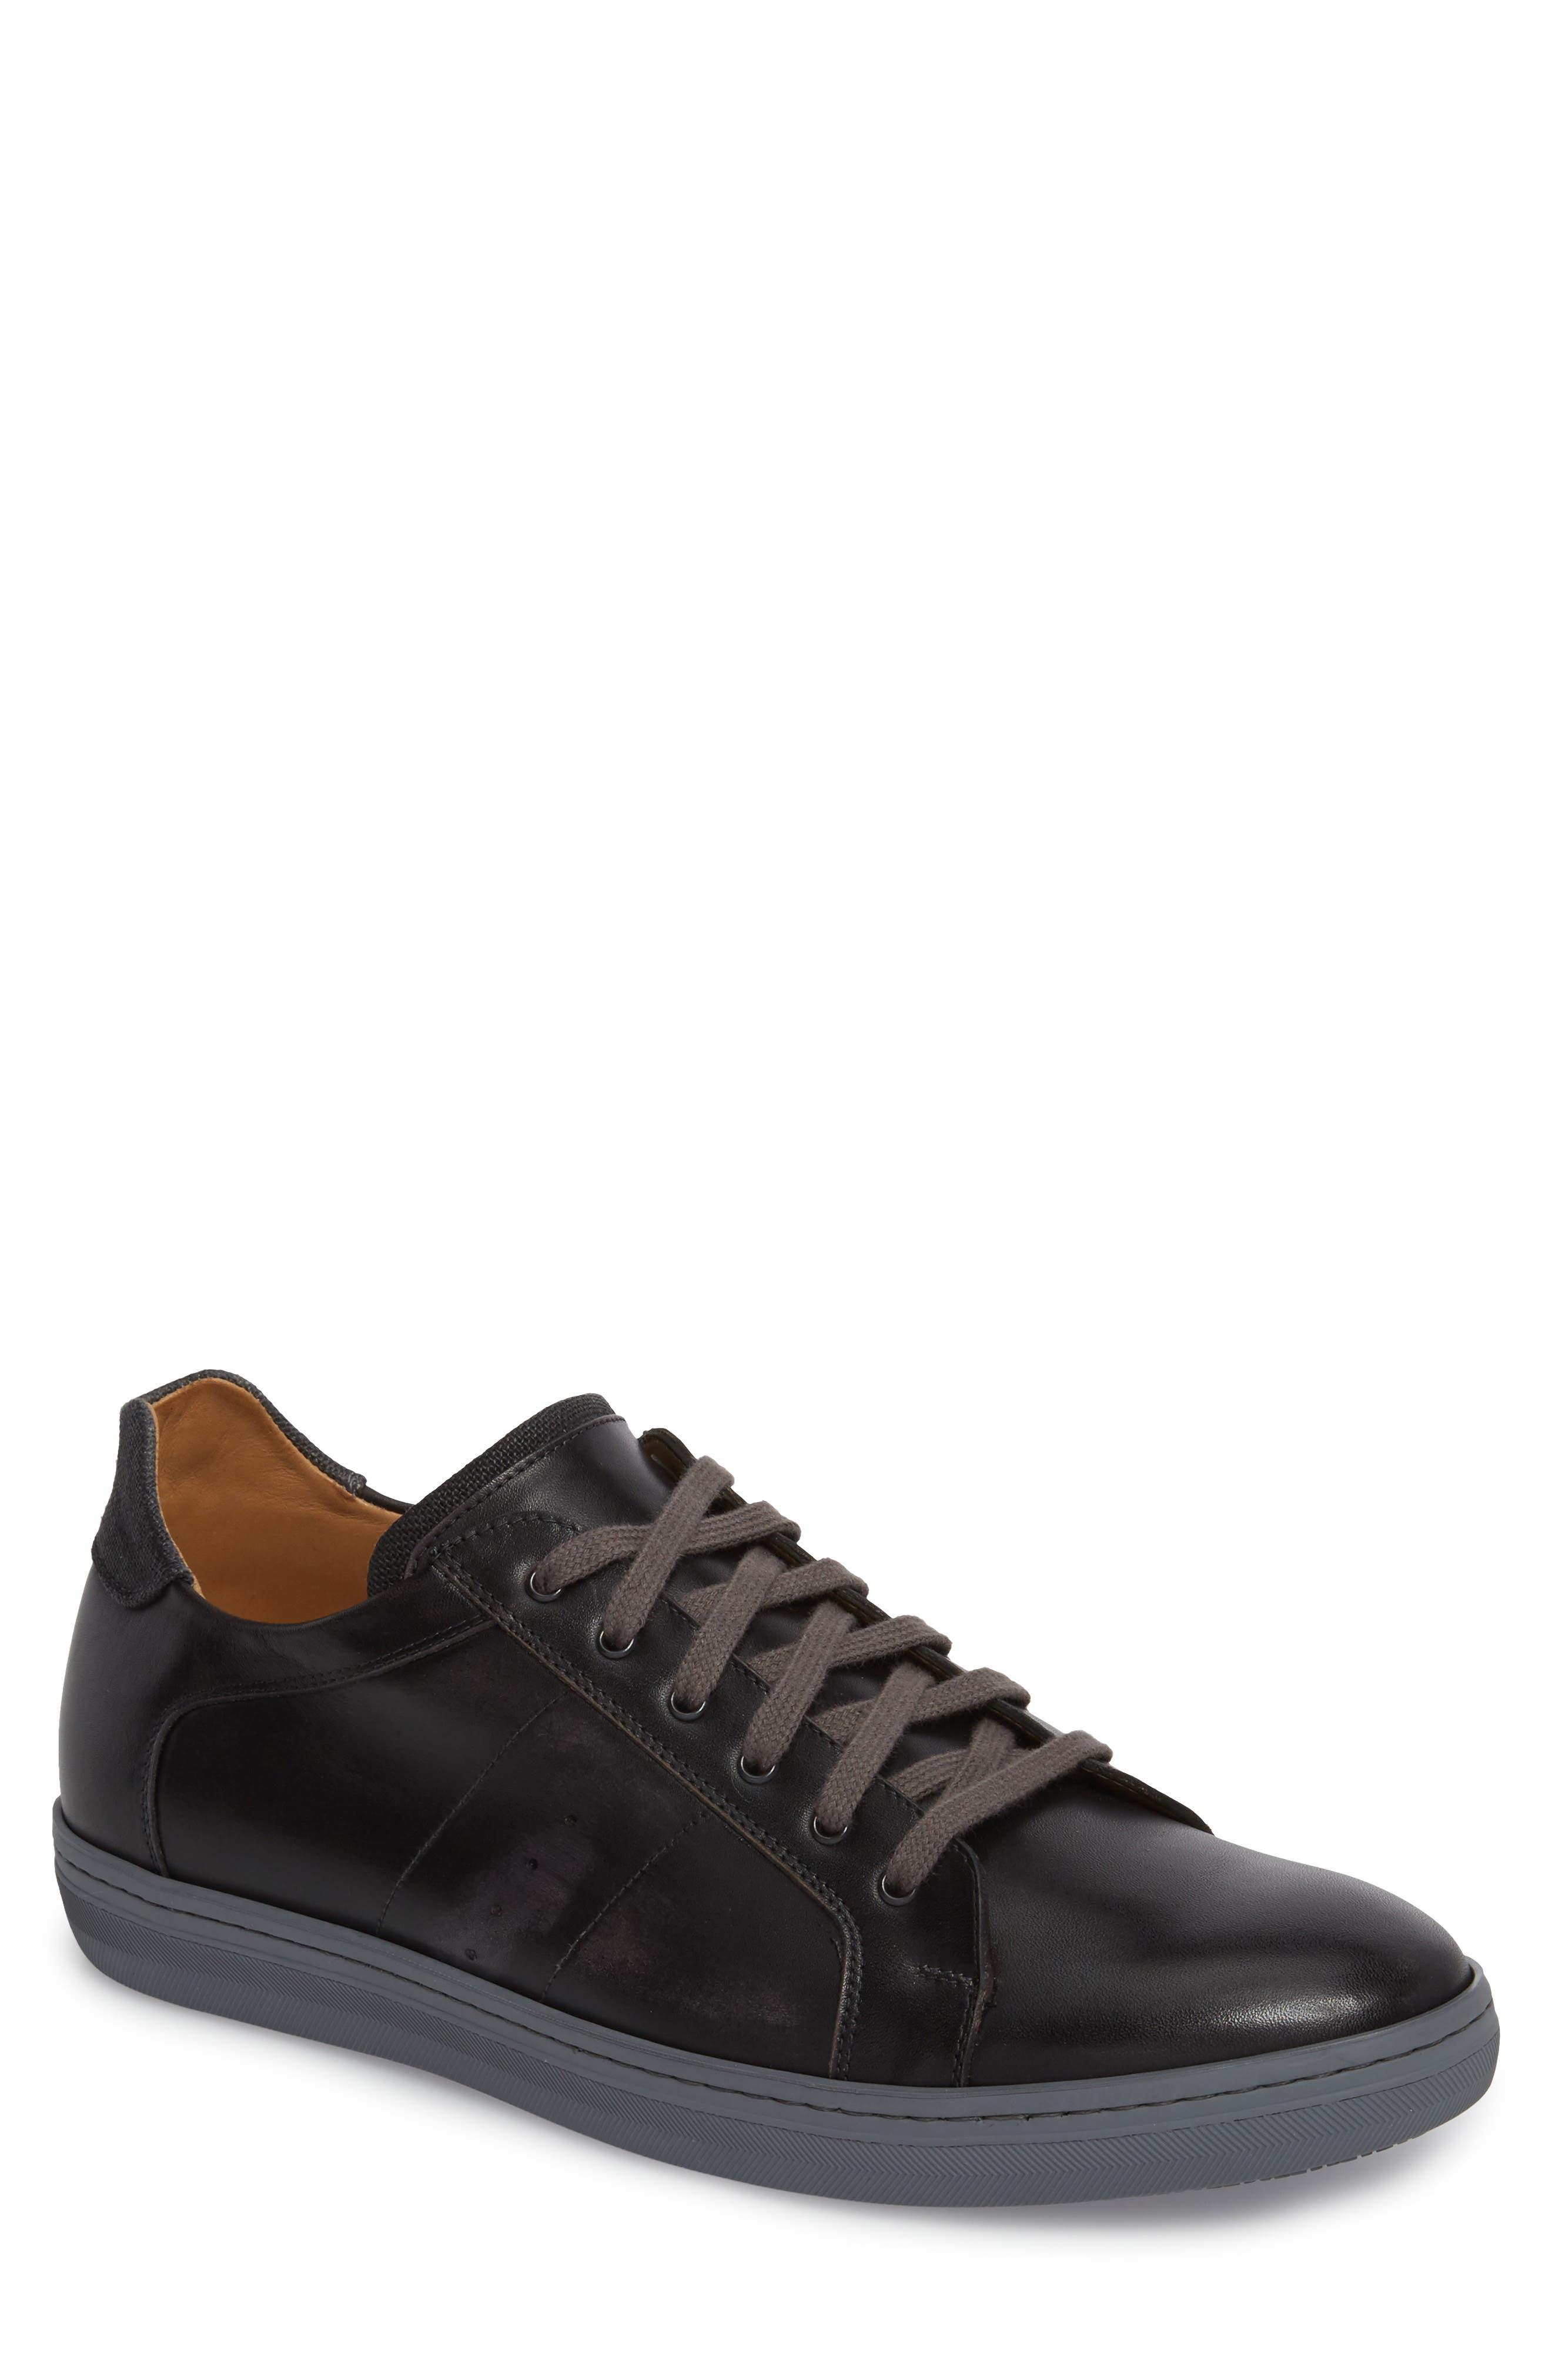 Cuzco Sneaker,                             Main thumbnail 1, color,                             Graphite/ Black Leather